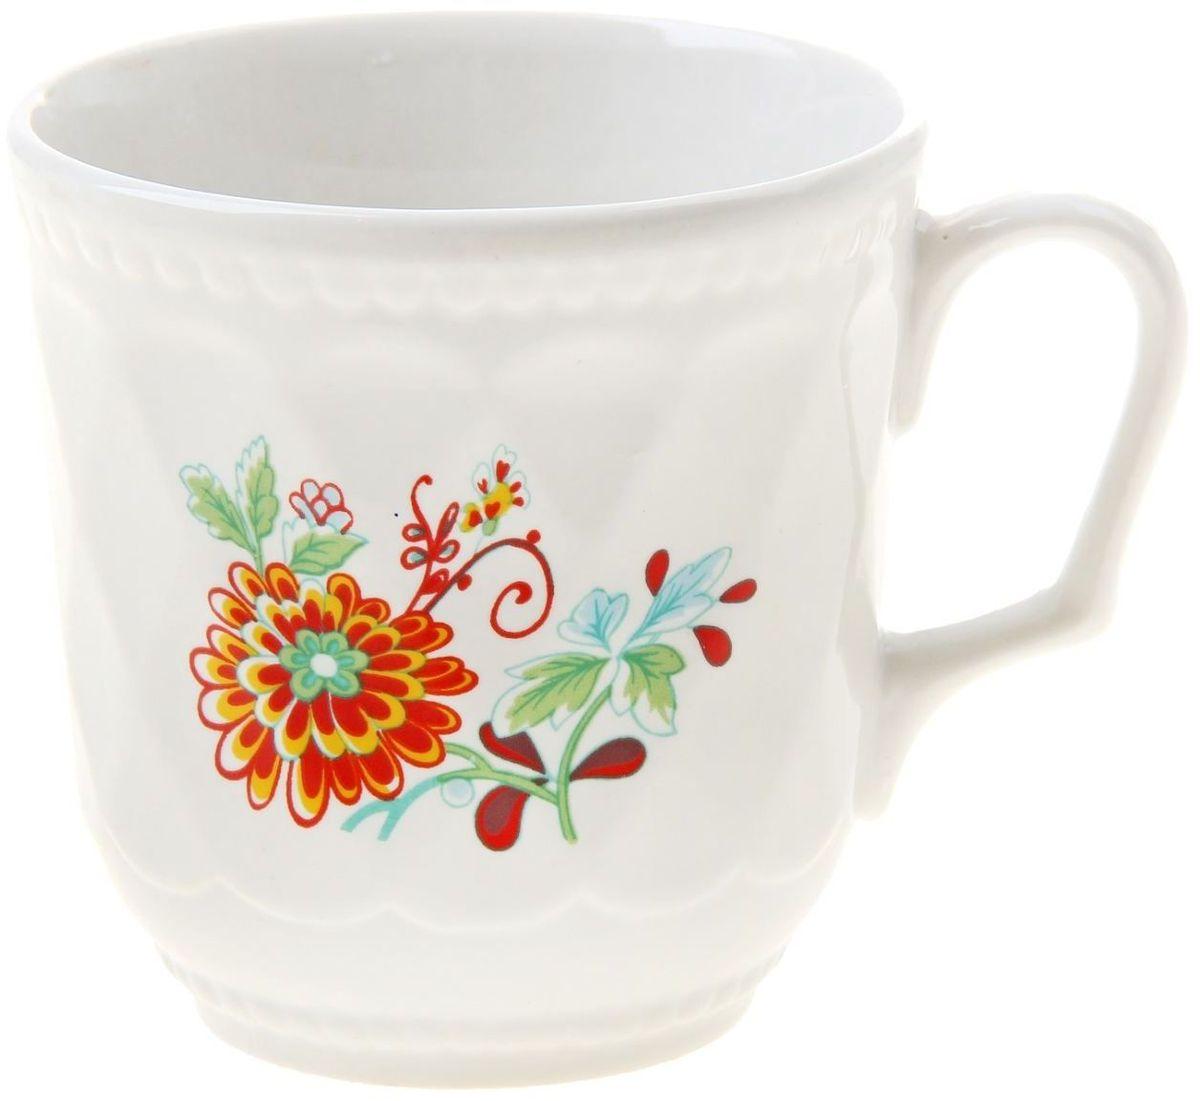 """Кружка Доляна """"Оранжевый цветок"""" изготовлена из высококачественной керамики. Изделие оформлено красочным рисунком и покрыто превосходной сверкающей глазурью.  Изысканная кружка прекрасно оформит стол к чаепитию и станет его неизменным атрибутом."""